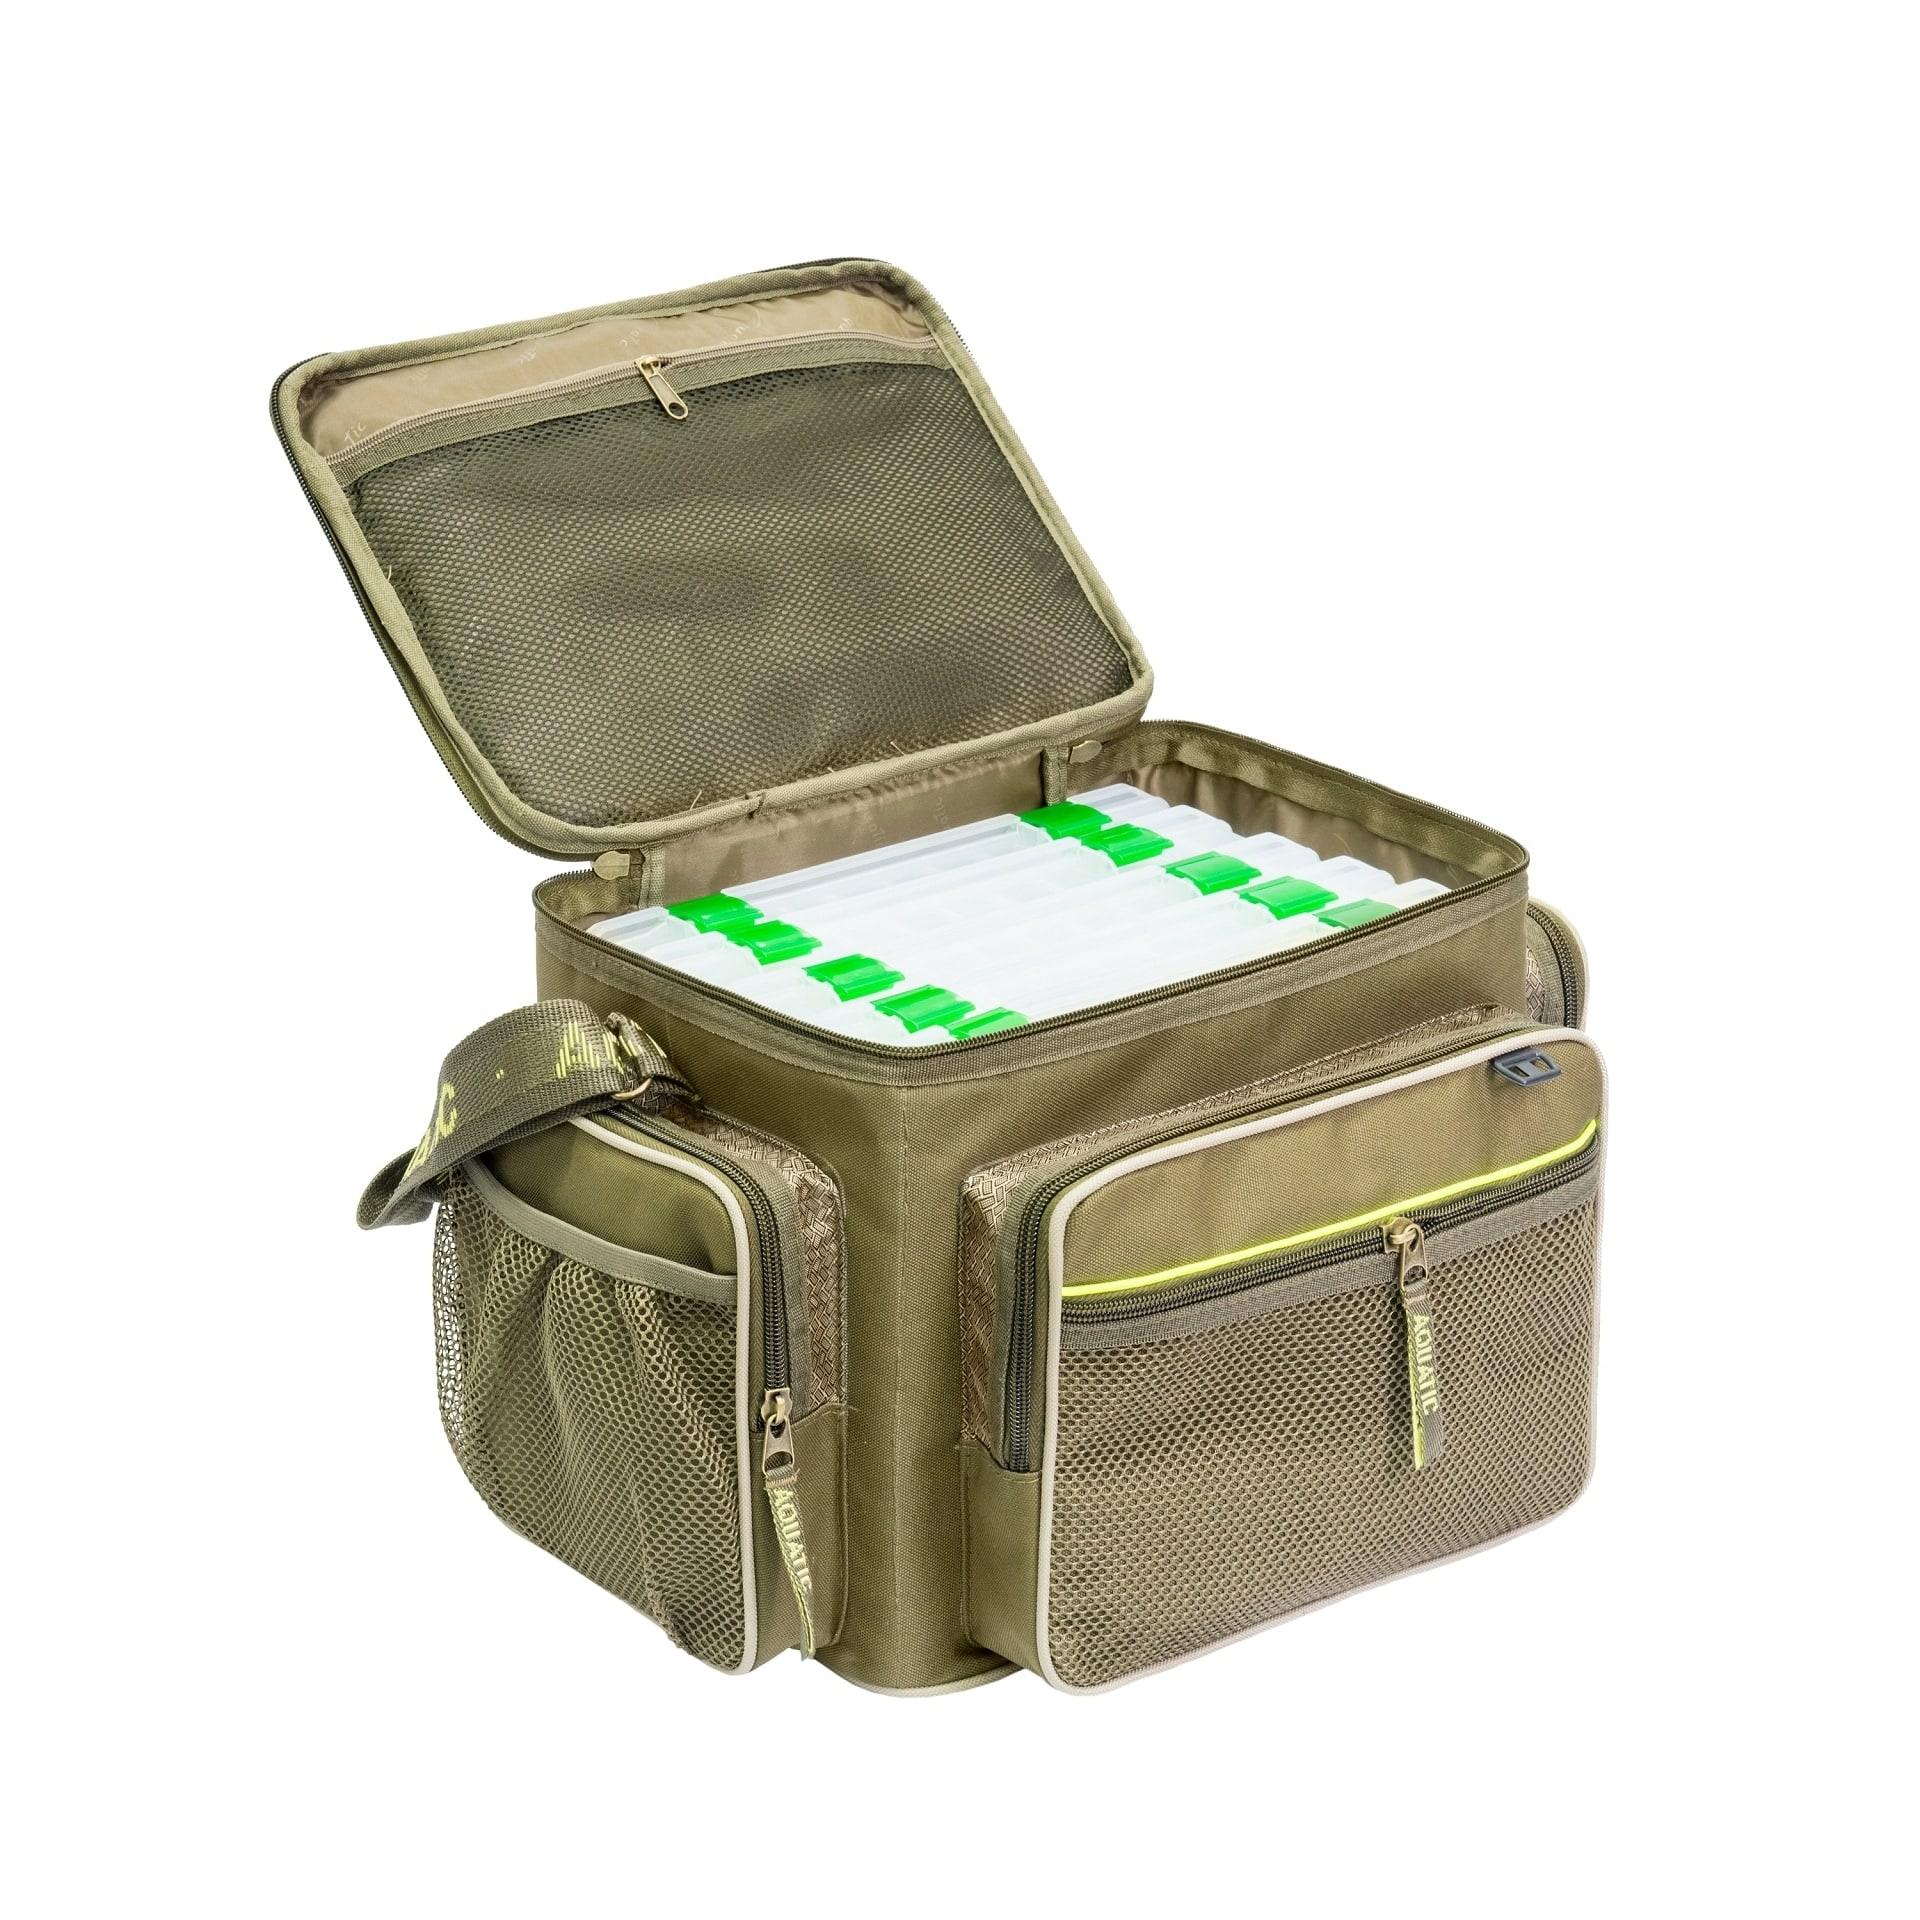 Сумка СК-13 с 6 коробками FisherBox - Рыболовные сумки Aquatic